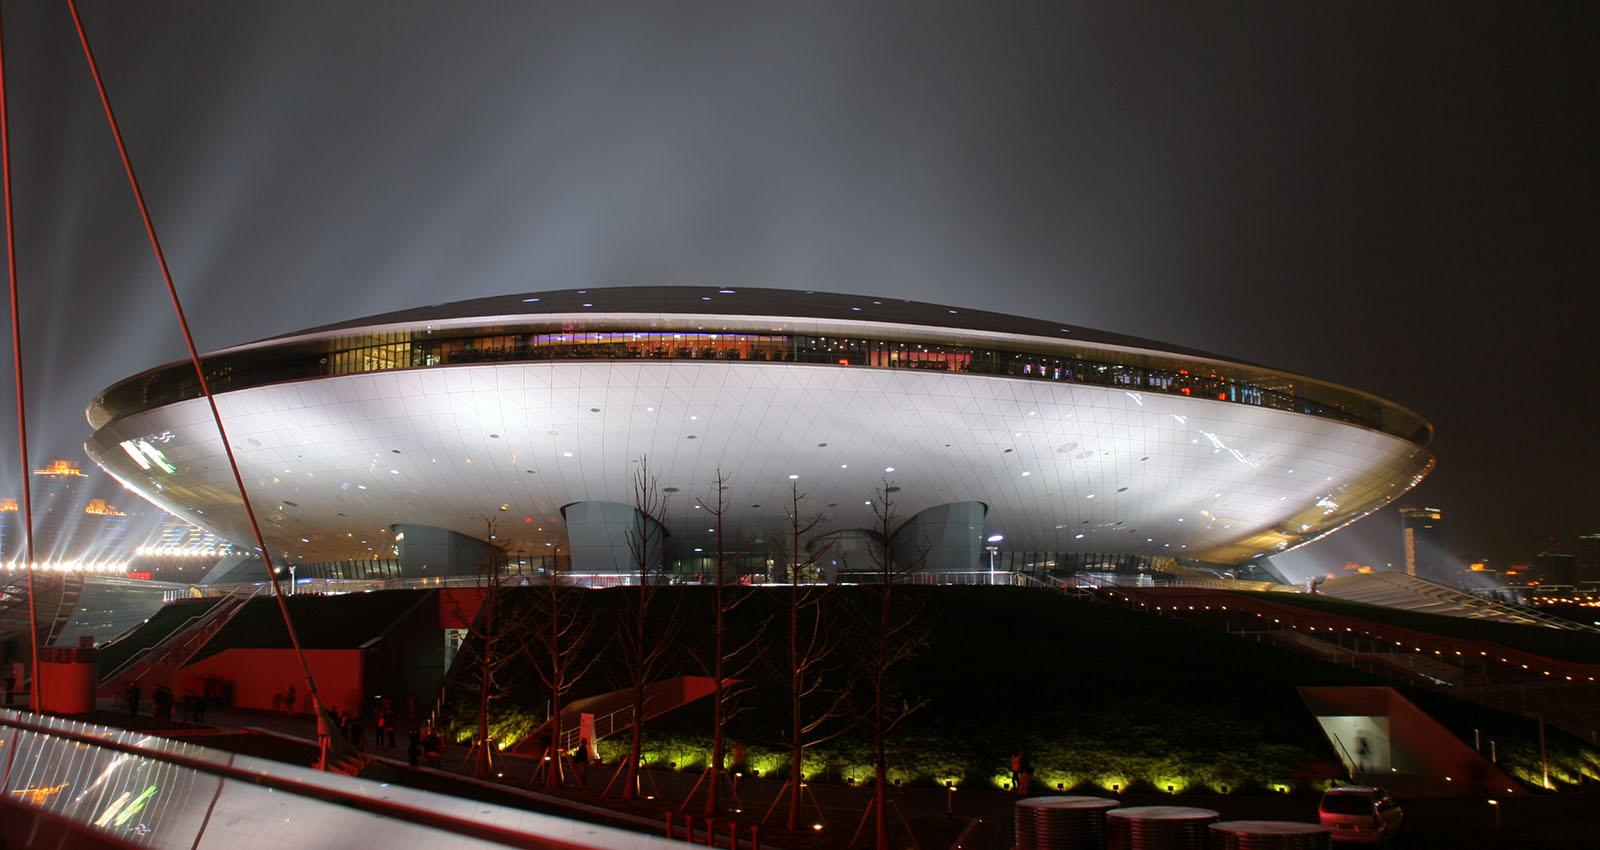 [DOTA 2] 5 ngày trước ngày khai mạc TI9, Thượng Hải chuẩn bị đối mặt với 2 siêu bão